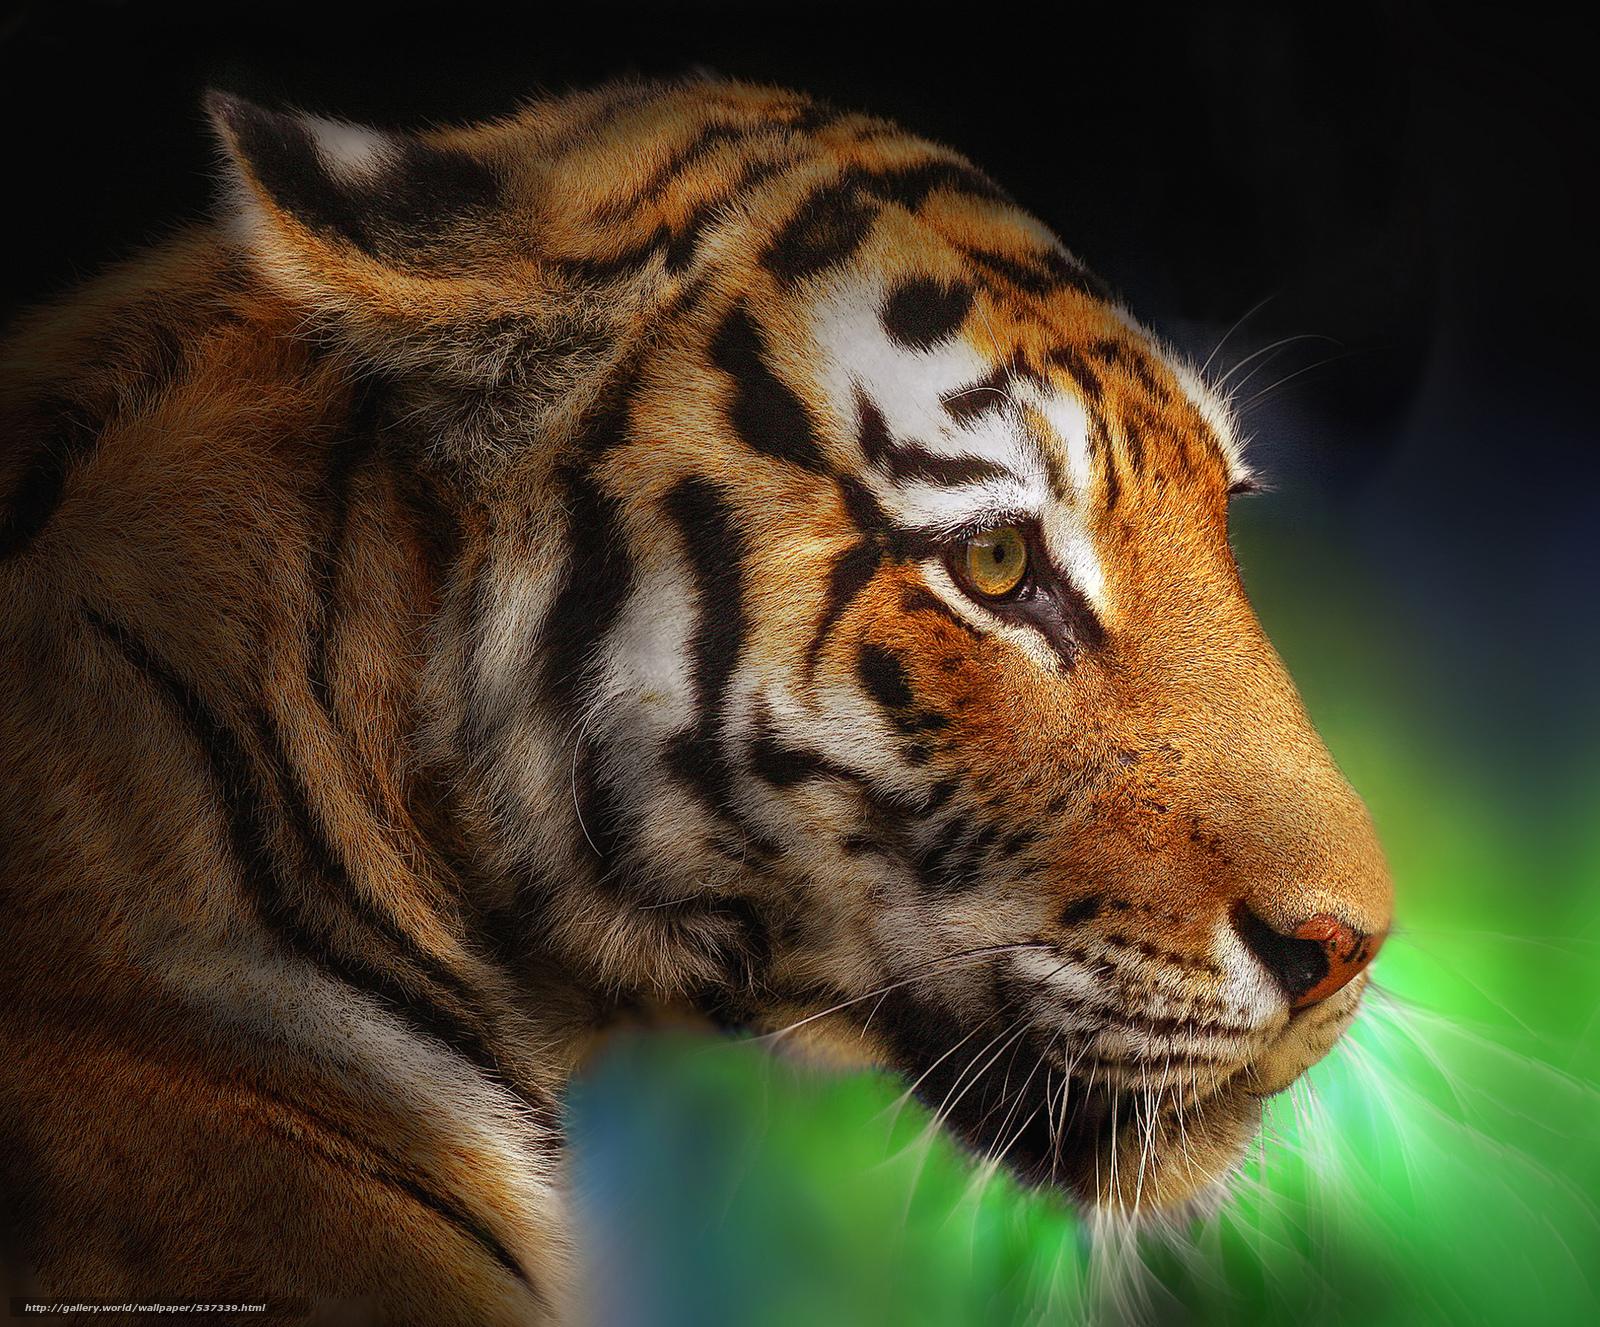 Tlcharger Fond D Ecran Tiger Dimension Tigre Profil